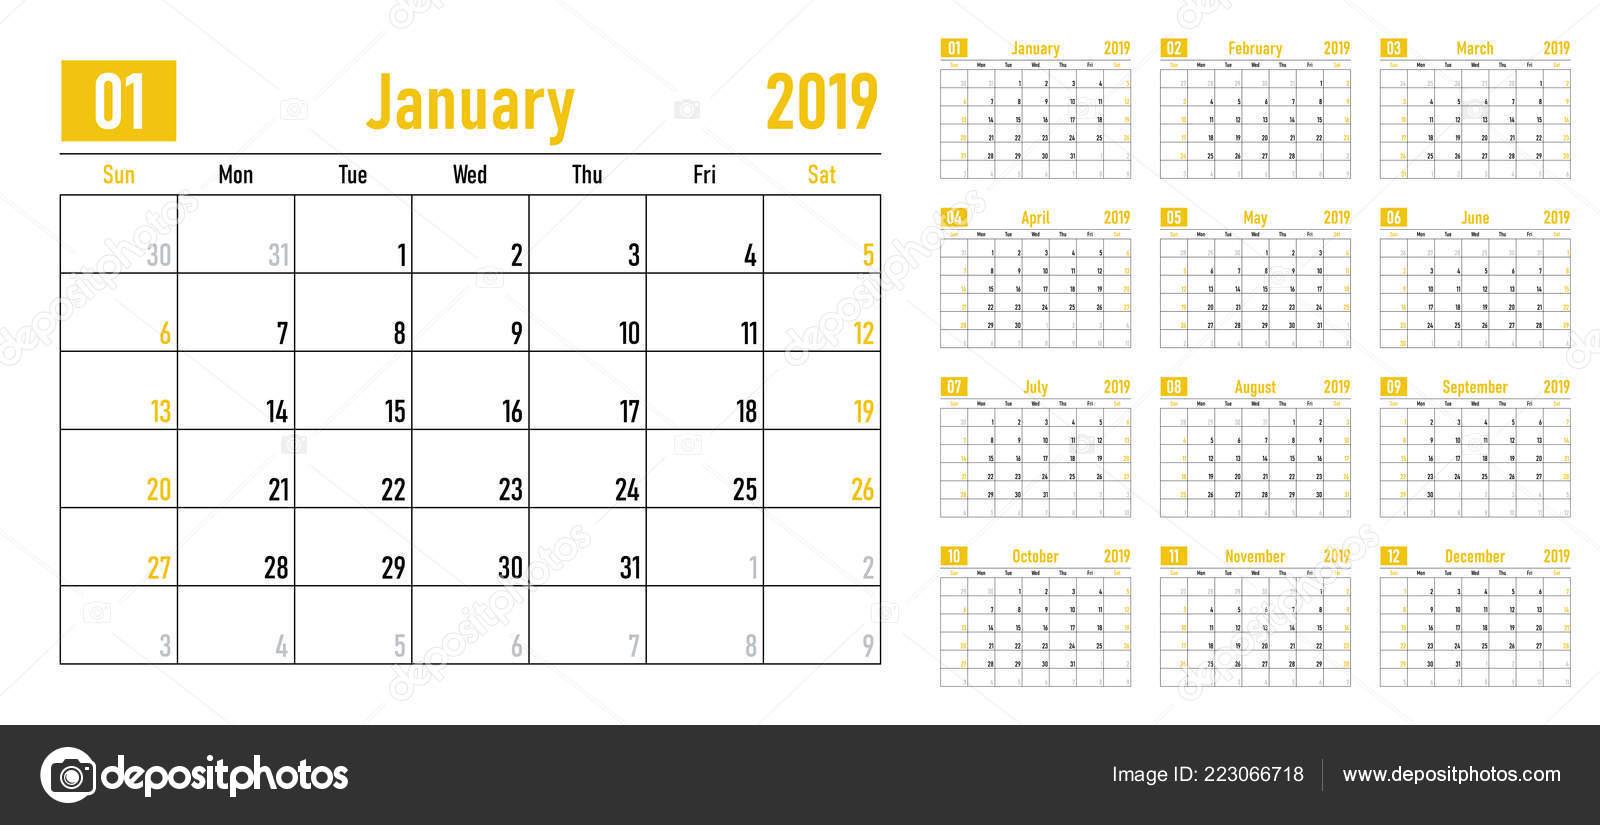 Calendar Planner 2019 Template Vector Illustration All Months Week